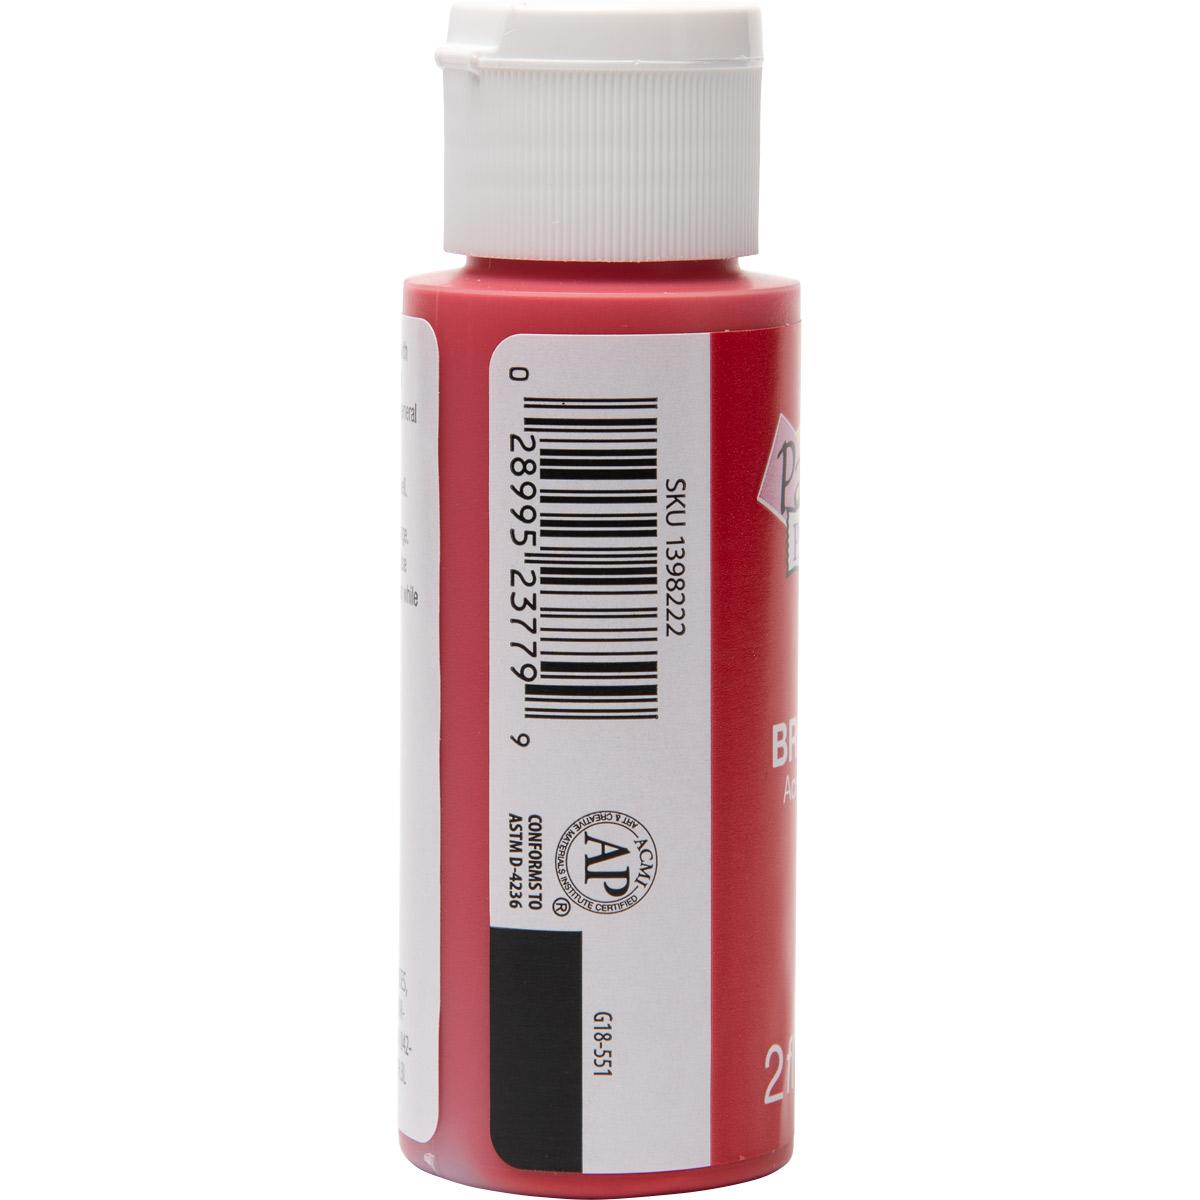 Plaid ® Painter's Palette™ Acrylic Paint - Bright Red, 2 oz.